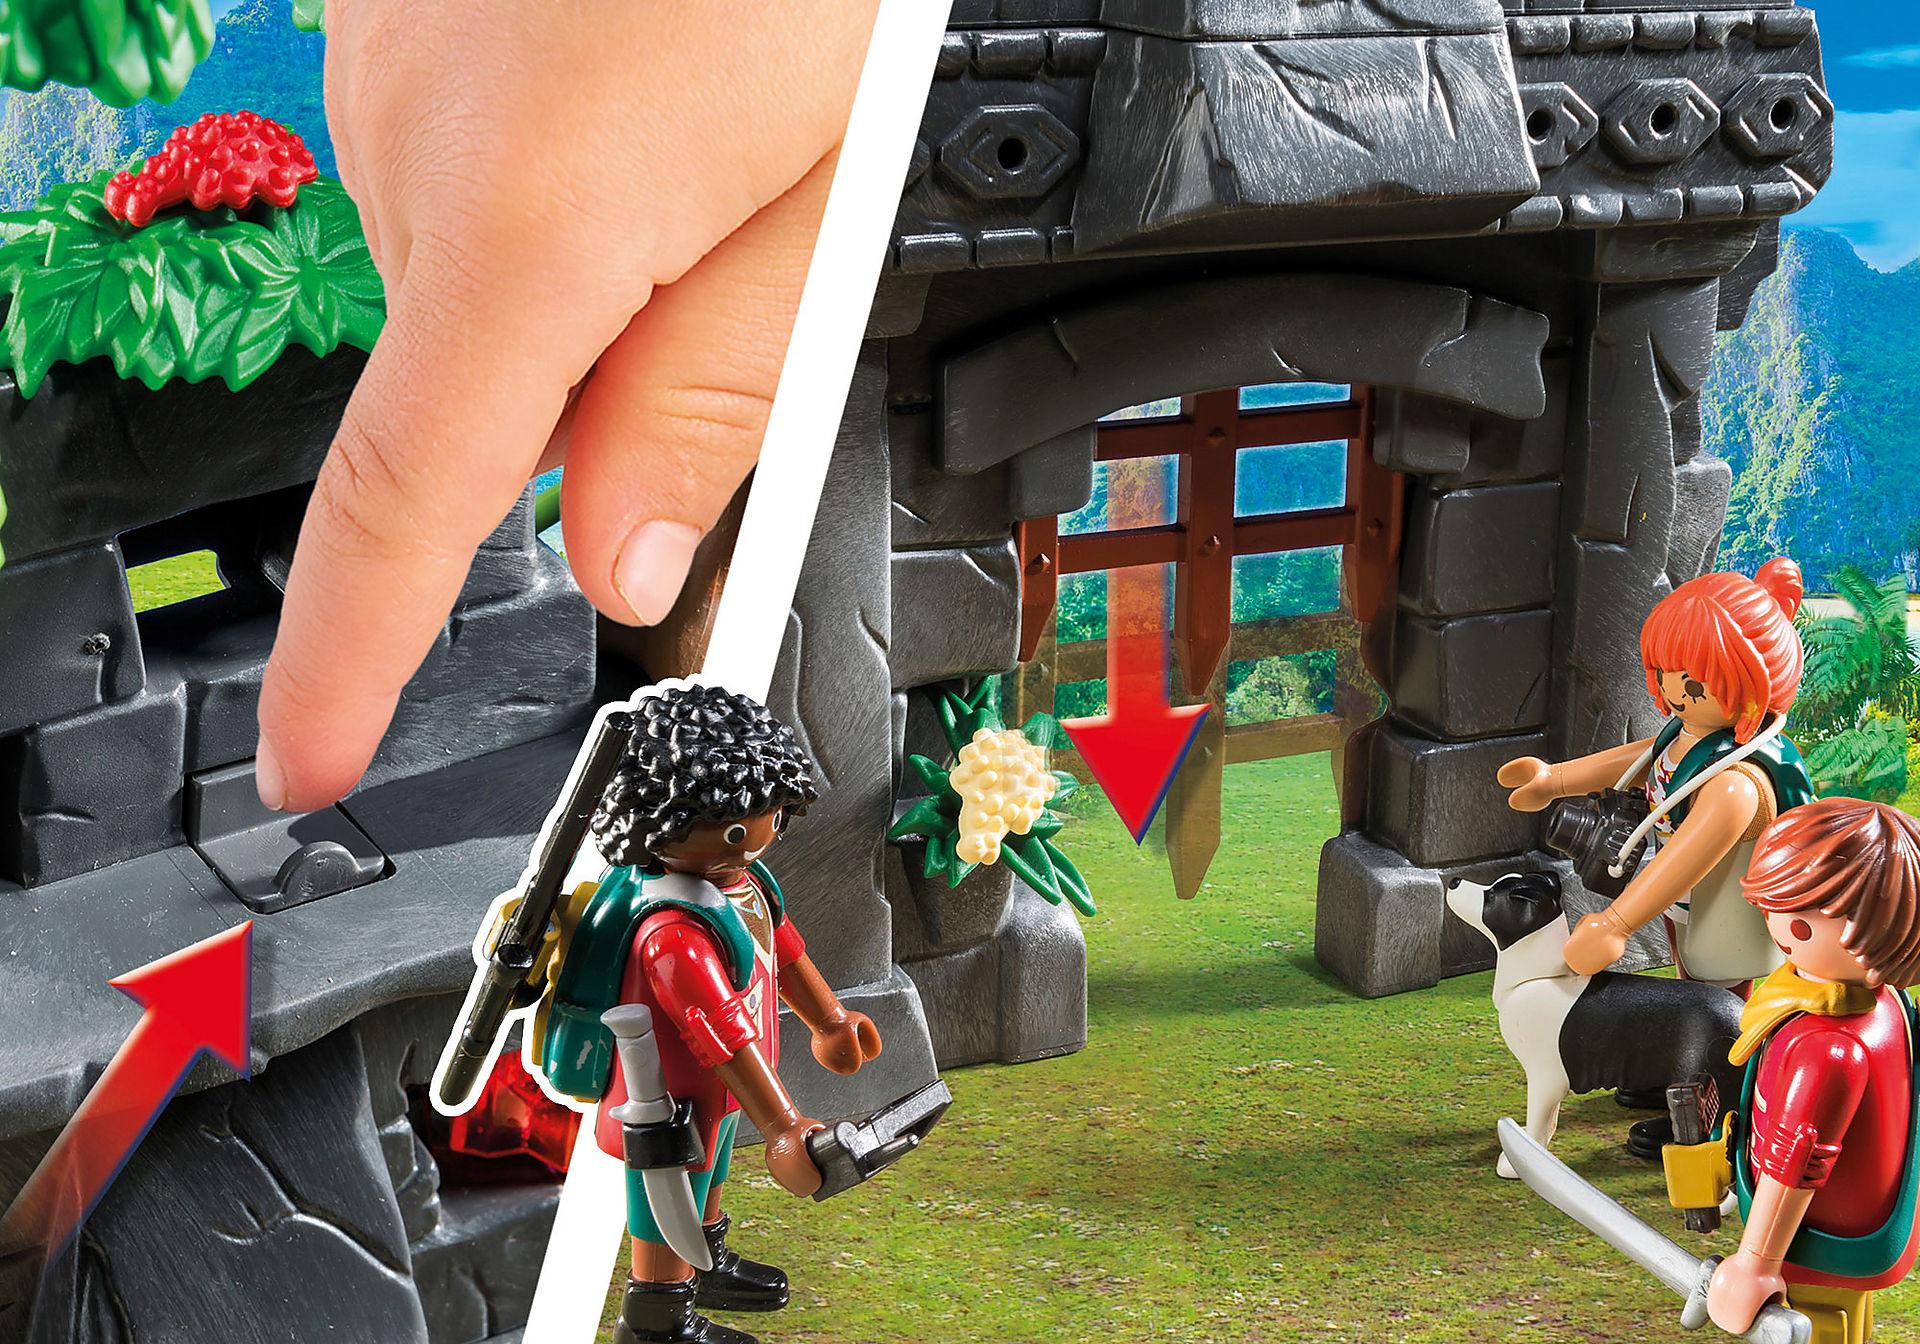 http://media.playmobil.com/i/playmobil/9429_product_extra2/Basläger med T-Rex